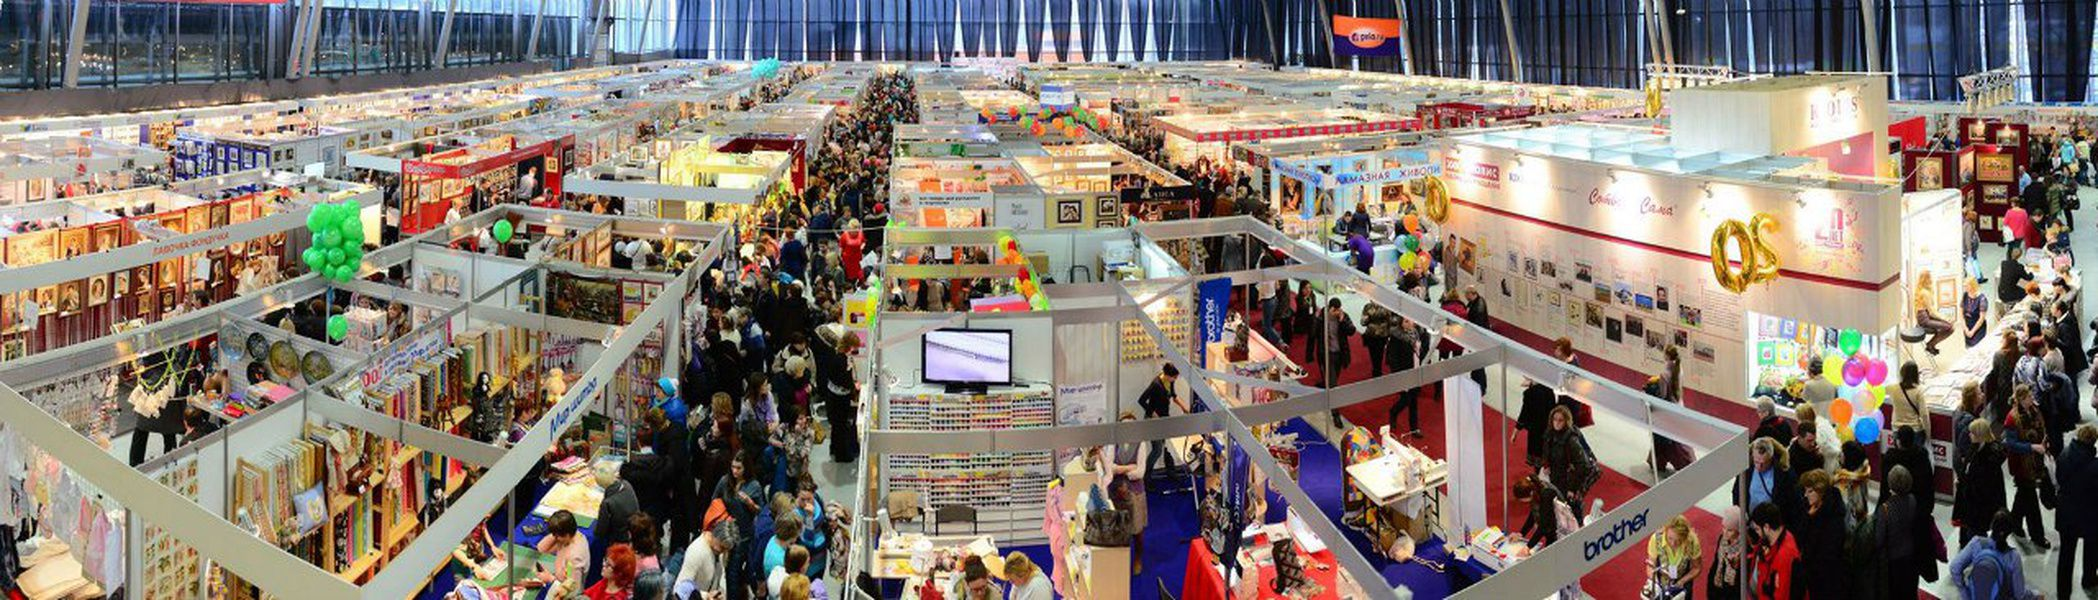 Выставка-продажа «Формула Рукоделия Москва. Весна 2017» в Сокольниках